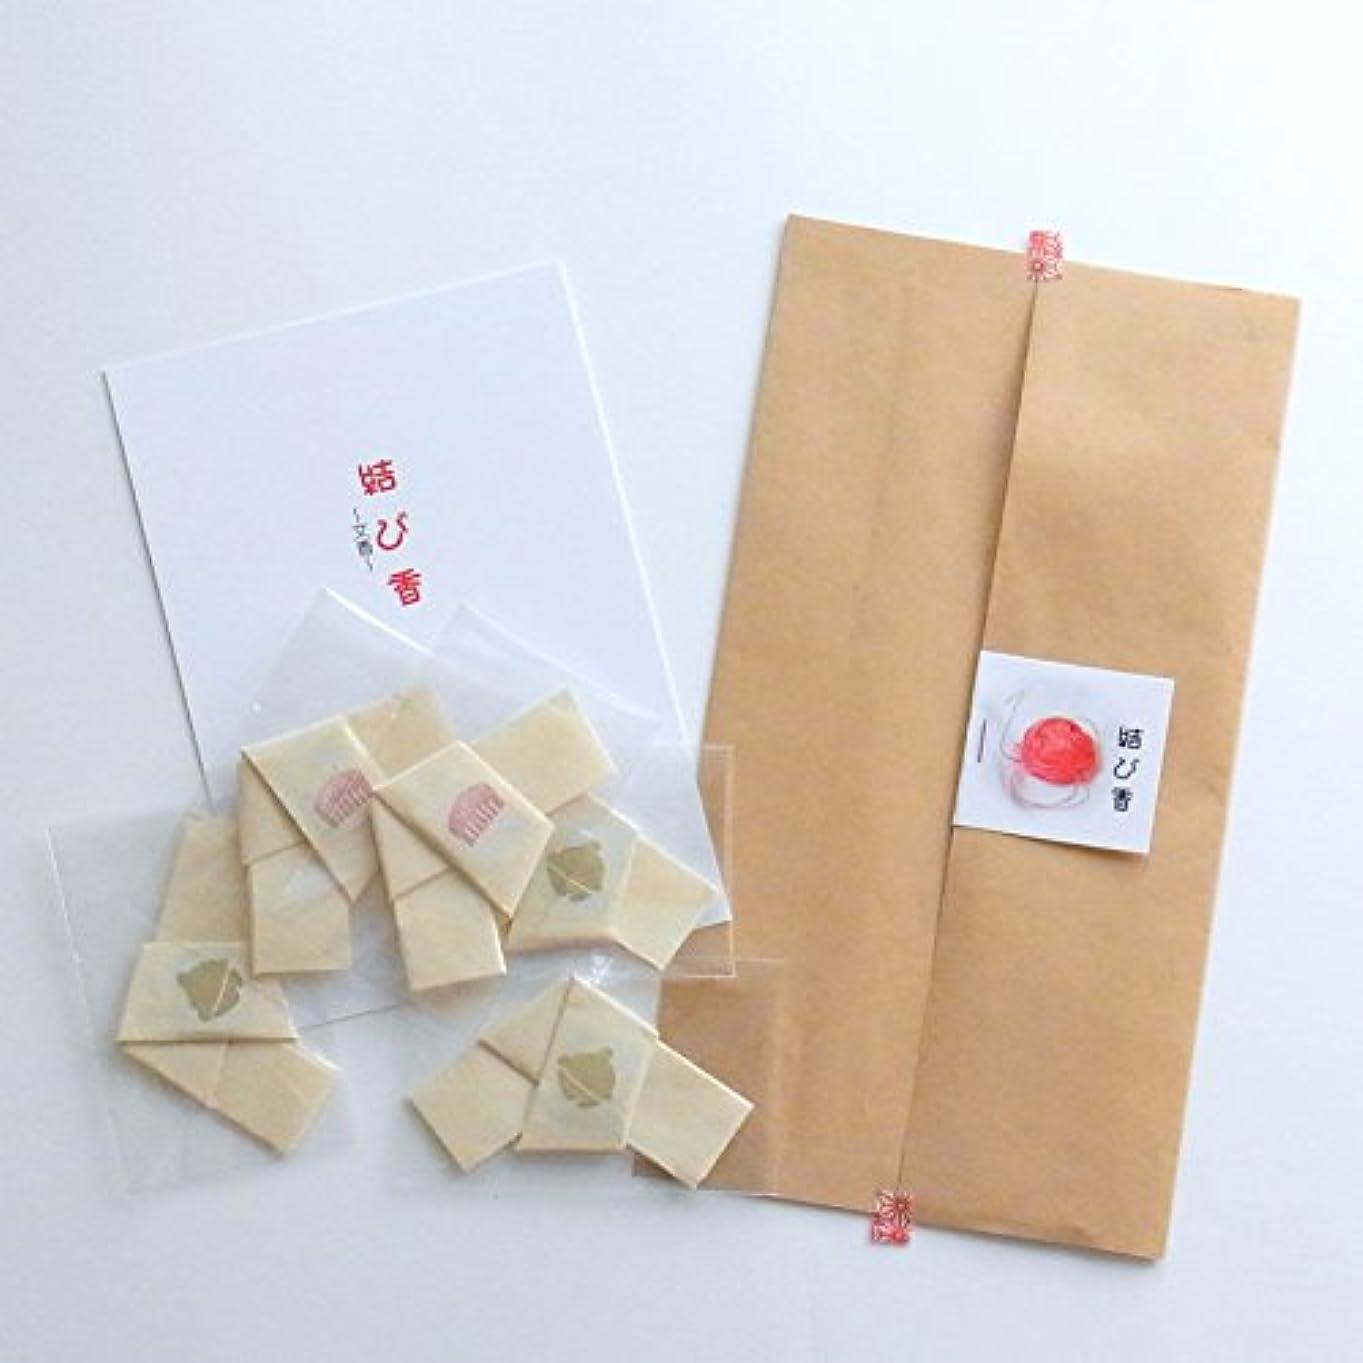 カップ咲くホテル手紙に添えたり、バッグにしのばせてご縁を結ぶ【結び香】